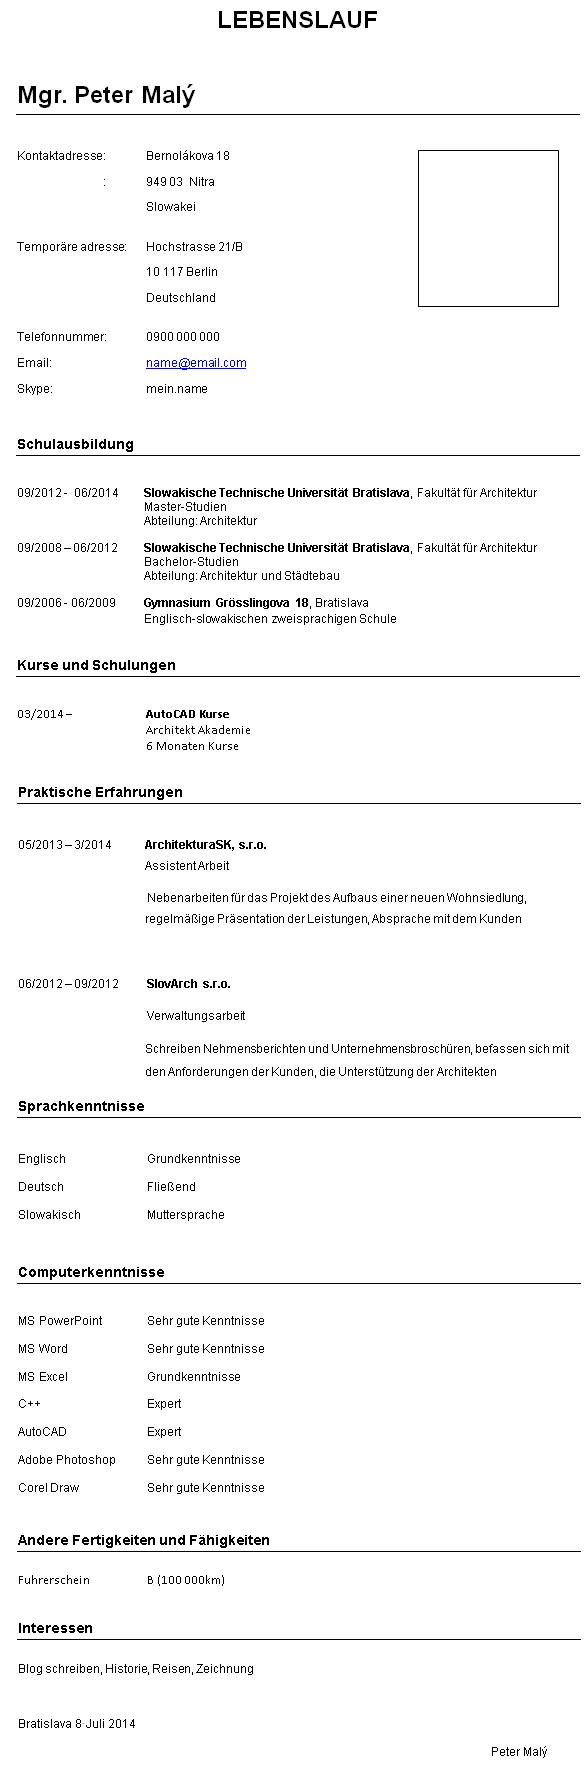 Vzor životopisu v nemčine - cv v nemeckom jazyku